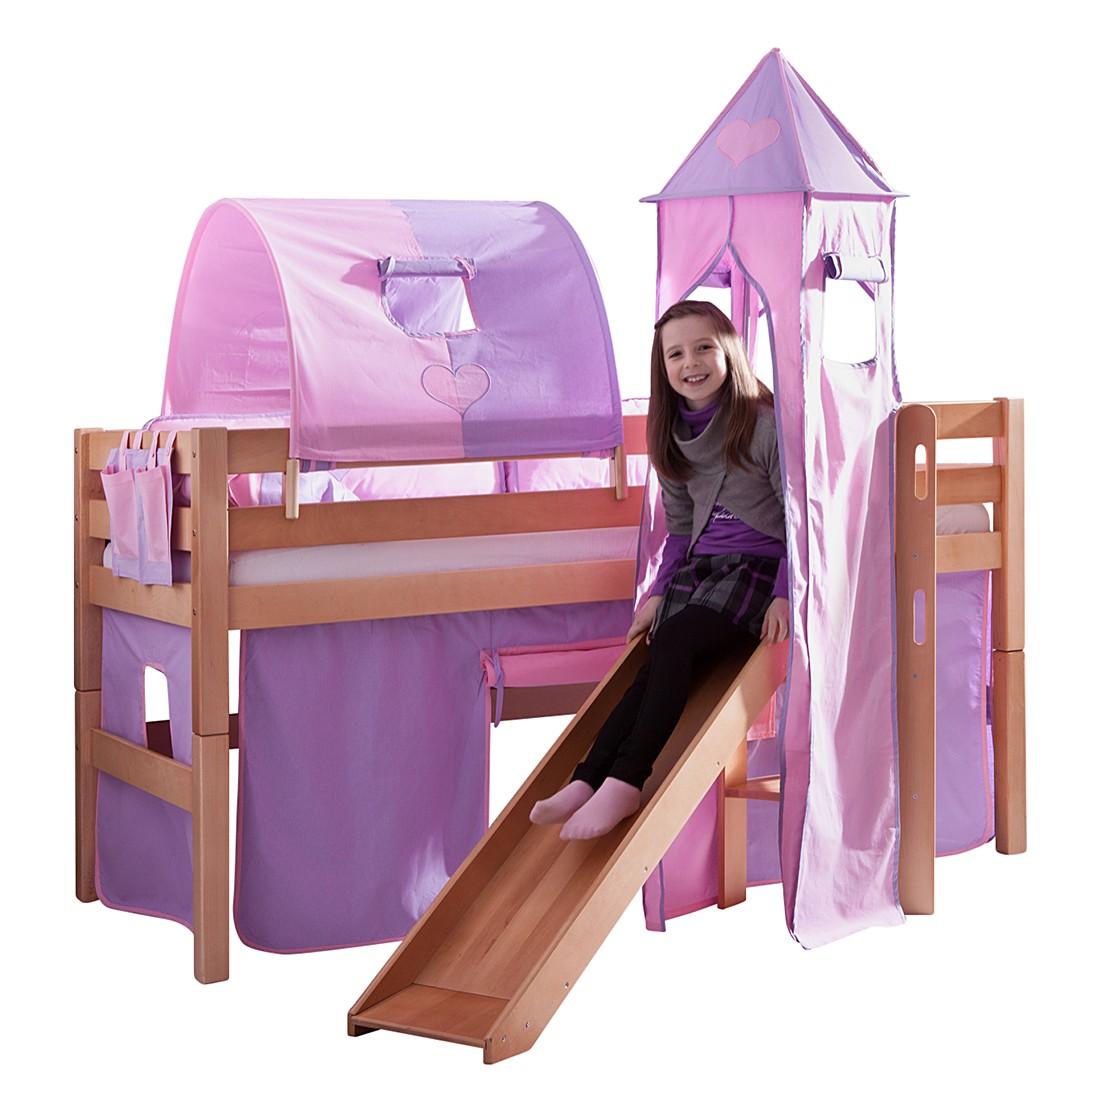 Spielbett Eliyas - mit Rutsche, Vorhang, Tunnel, Turm und Tasche Buche natur/Textil purple-rosa-herz, Relita